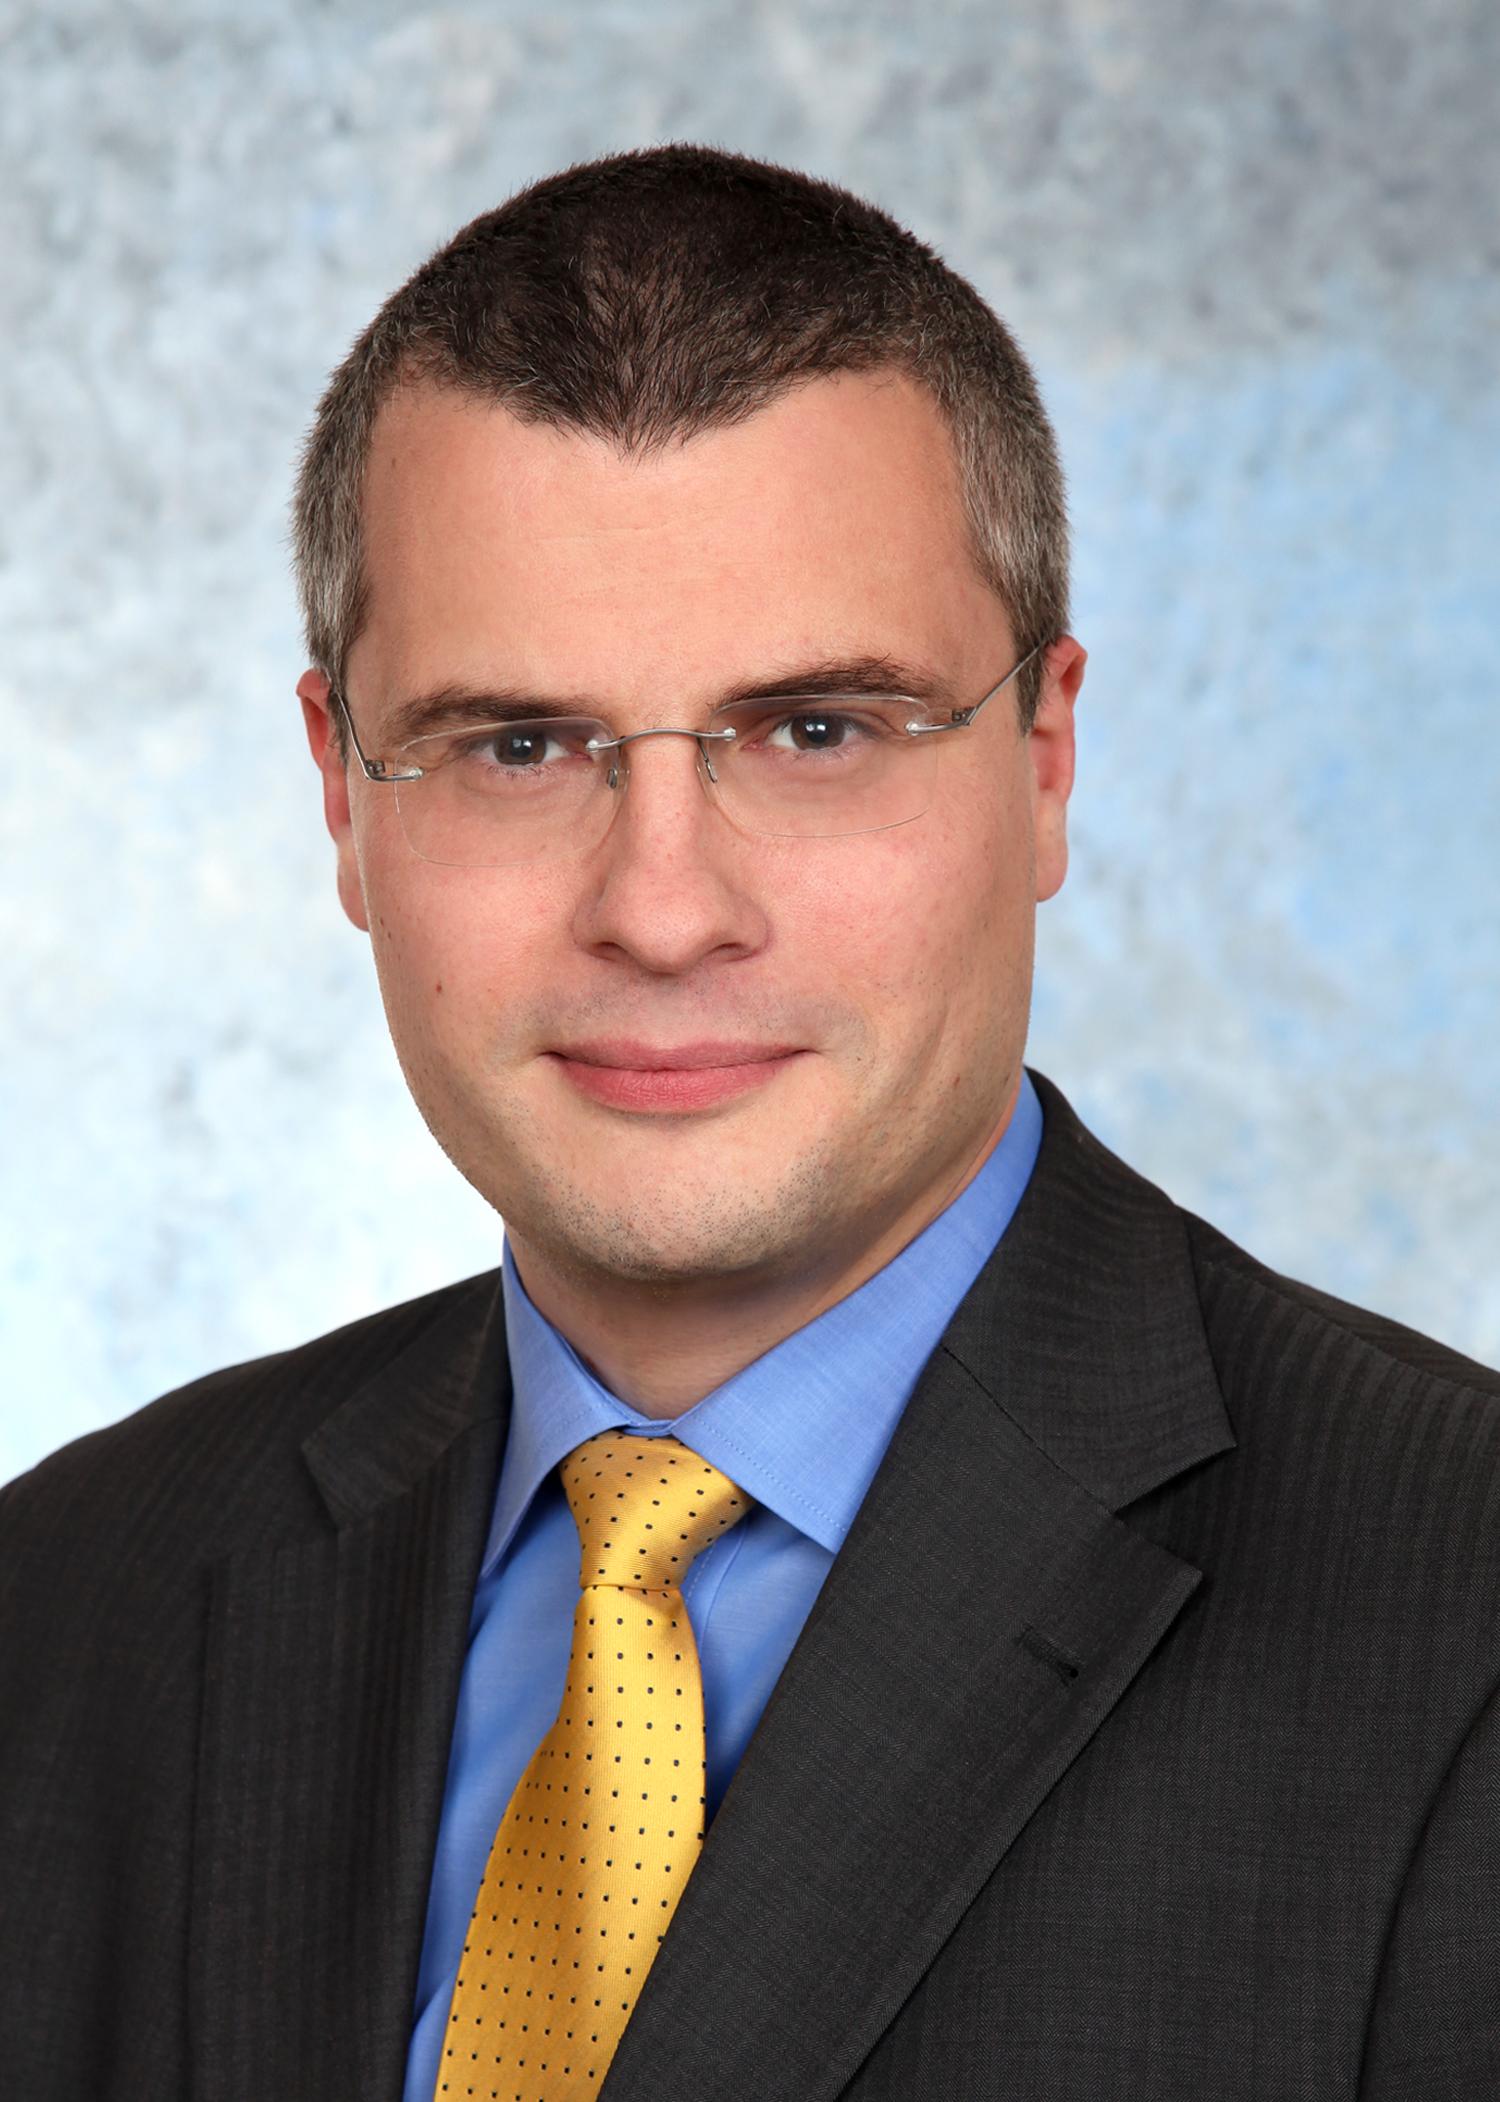 Josef Hoeckner